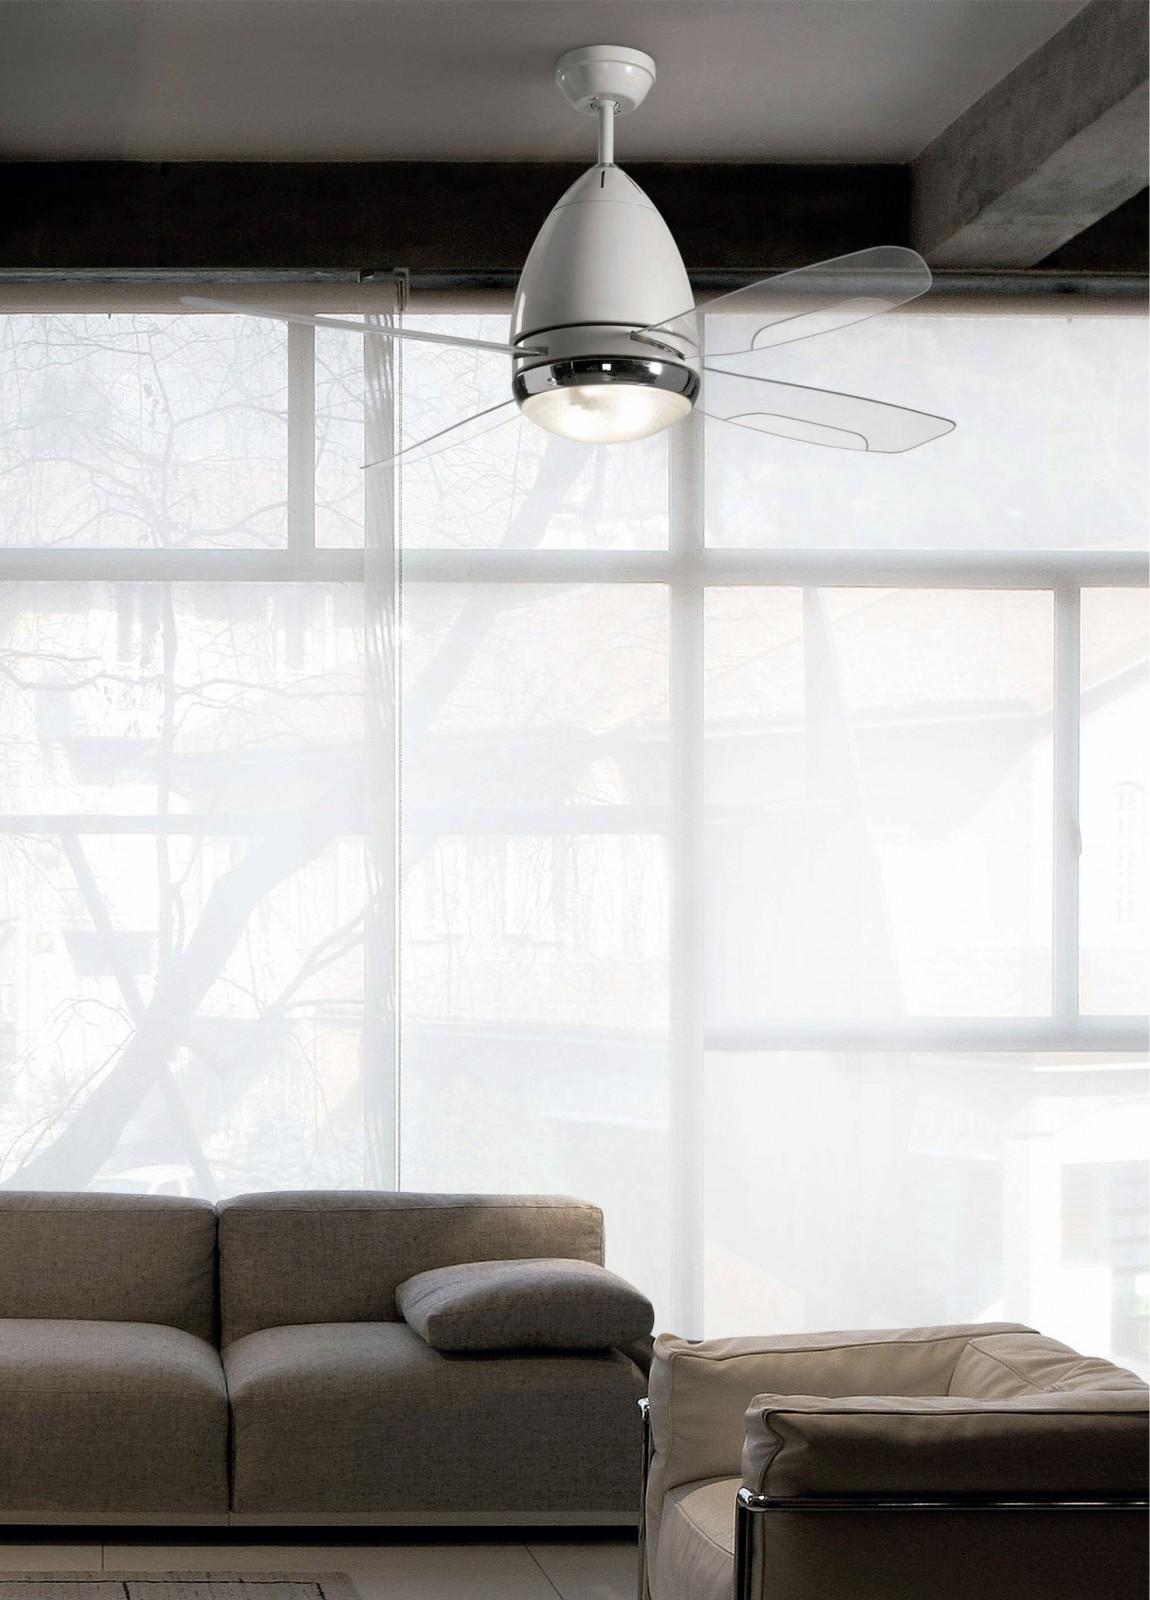 deckenventilator faretto mit licht und fernbedienung deckenventilator deckenventilatoren mit. Black Bedroom Furniture Sets. Home Design Ideas